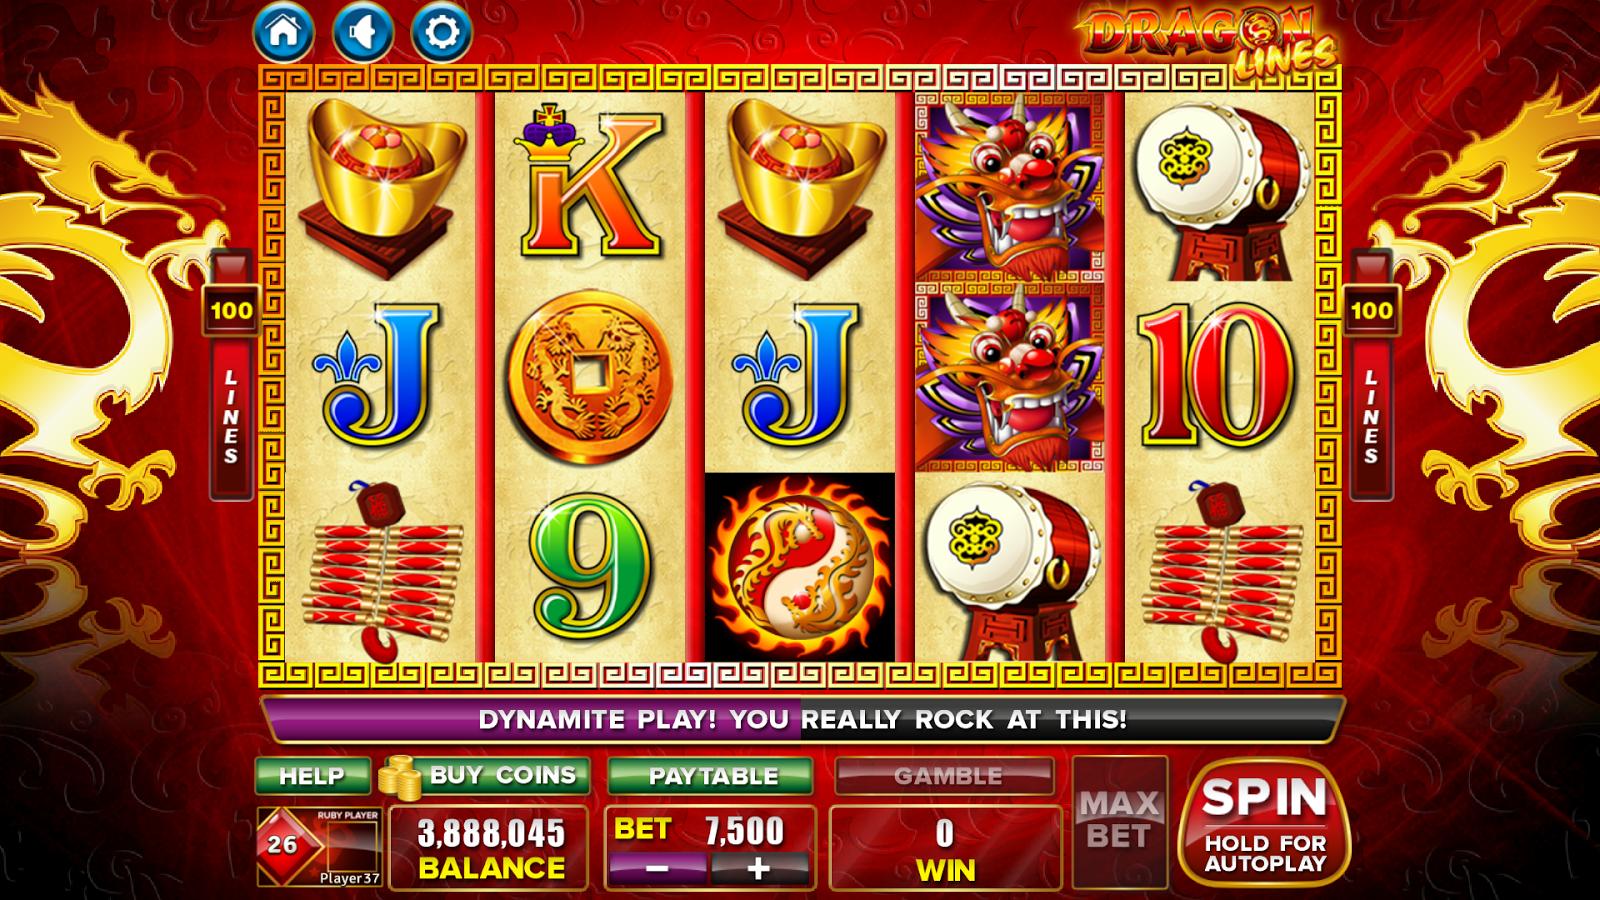 джой казино играть бесплатно